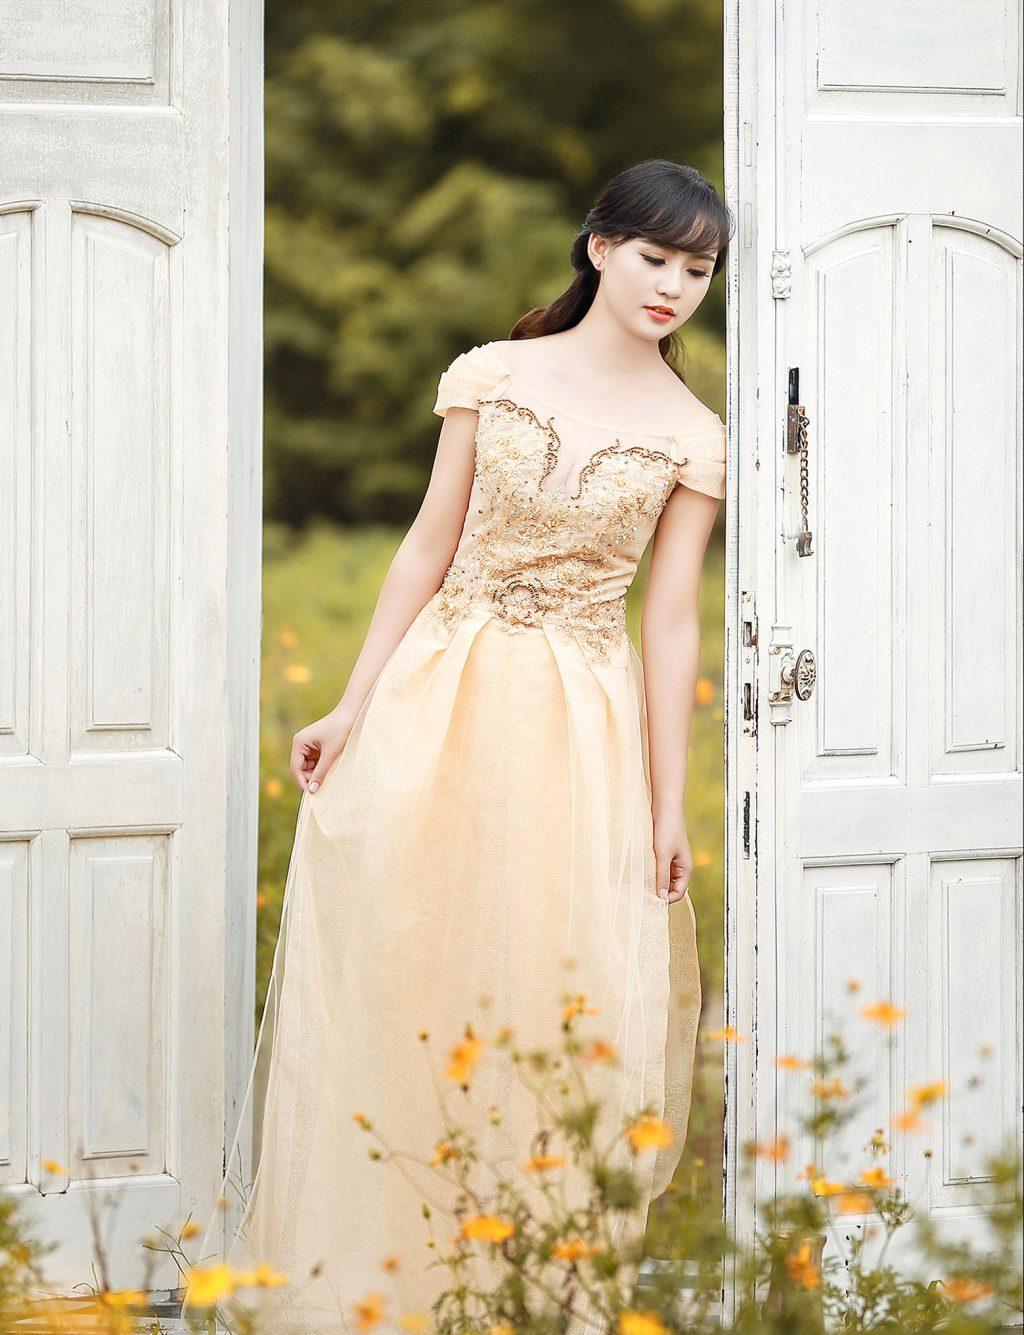 Mẫu áo dài cưới đẹp - áo dài trễ vai - elle vn